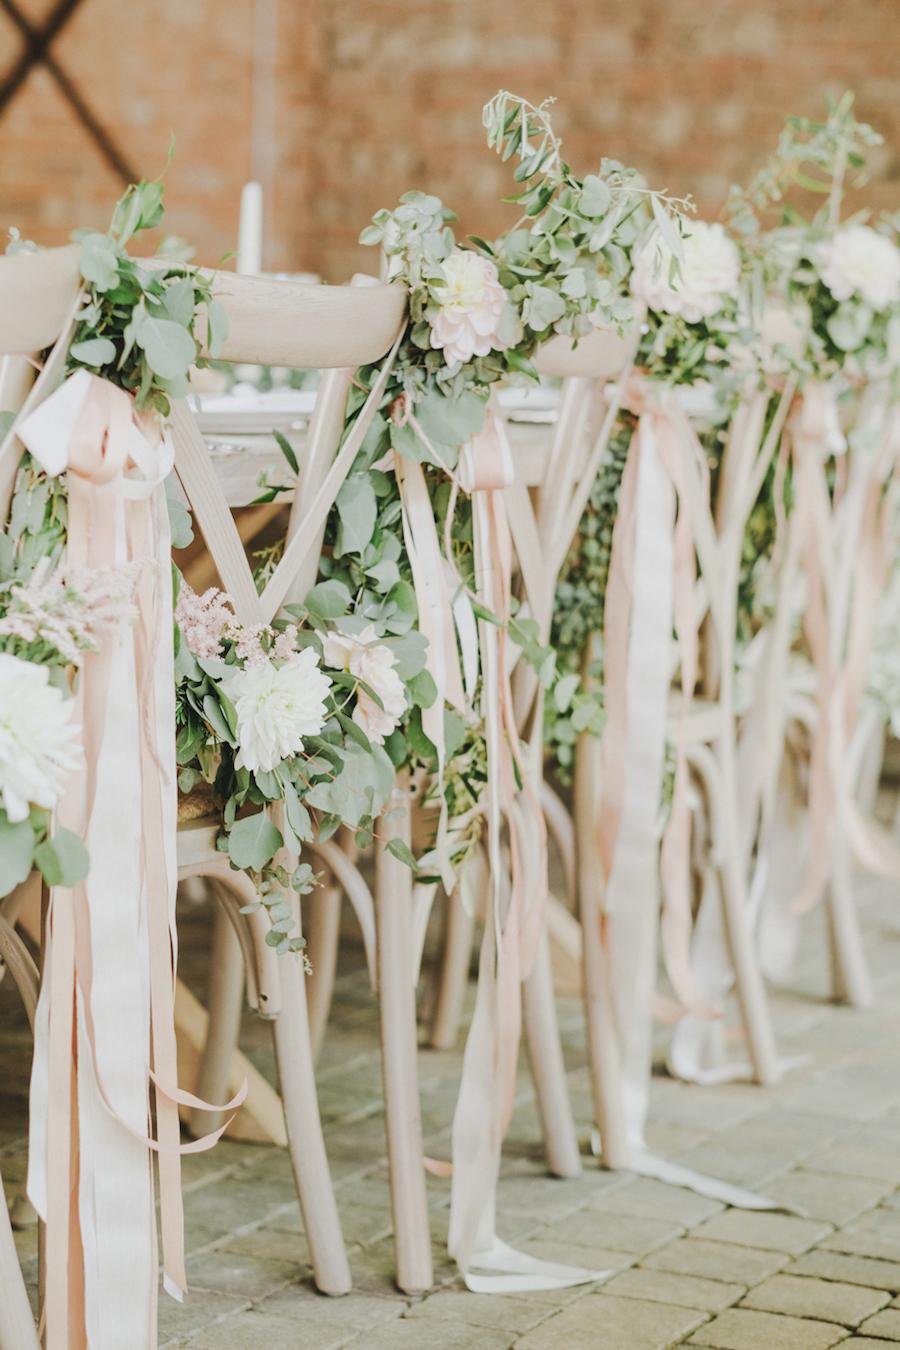 decorazione sedie con fiori, eucalipto e nastri